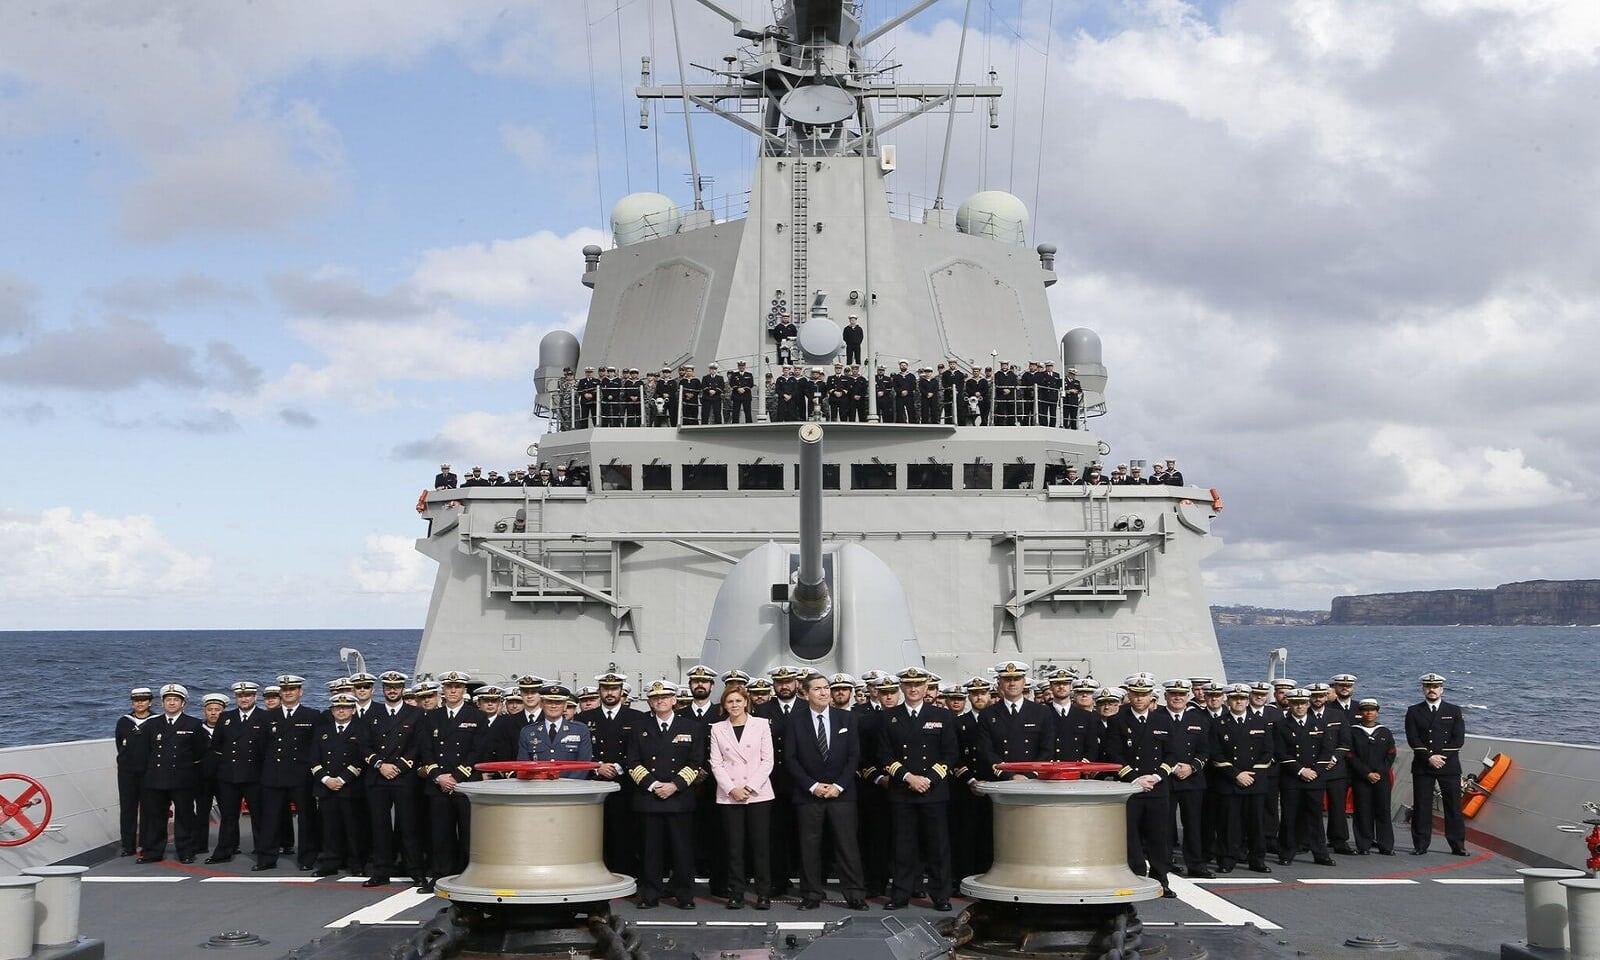 La ministra de Defensa, María Dolores de Cospedal, con la tripulación de la fragata Cristóbal Colón en Australia. Foto: Jose I. Gómez/MDE